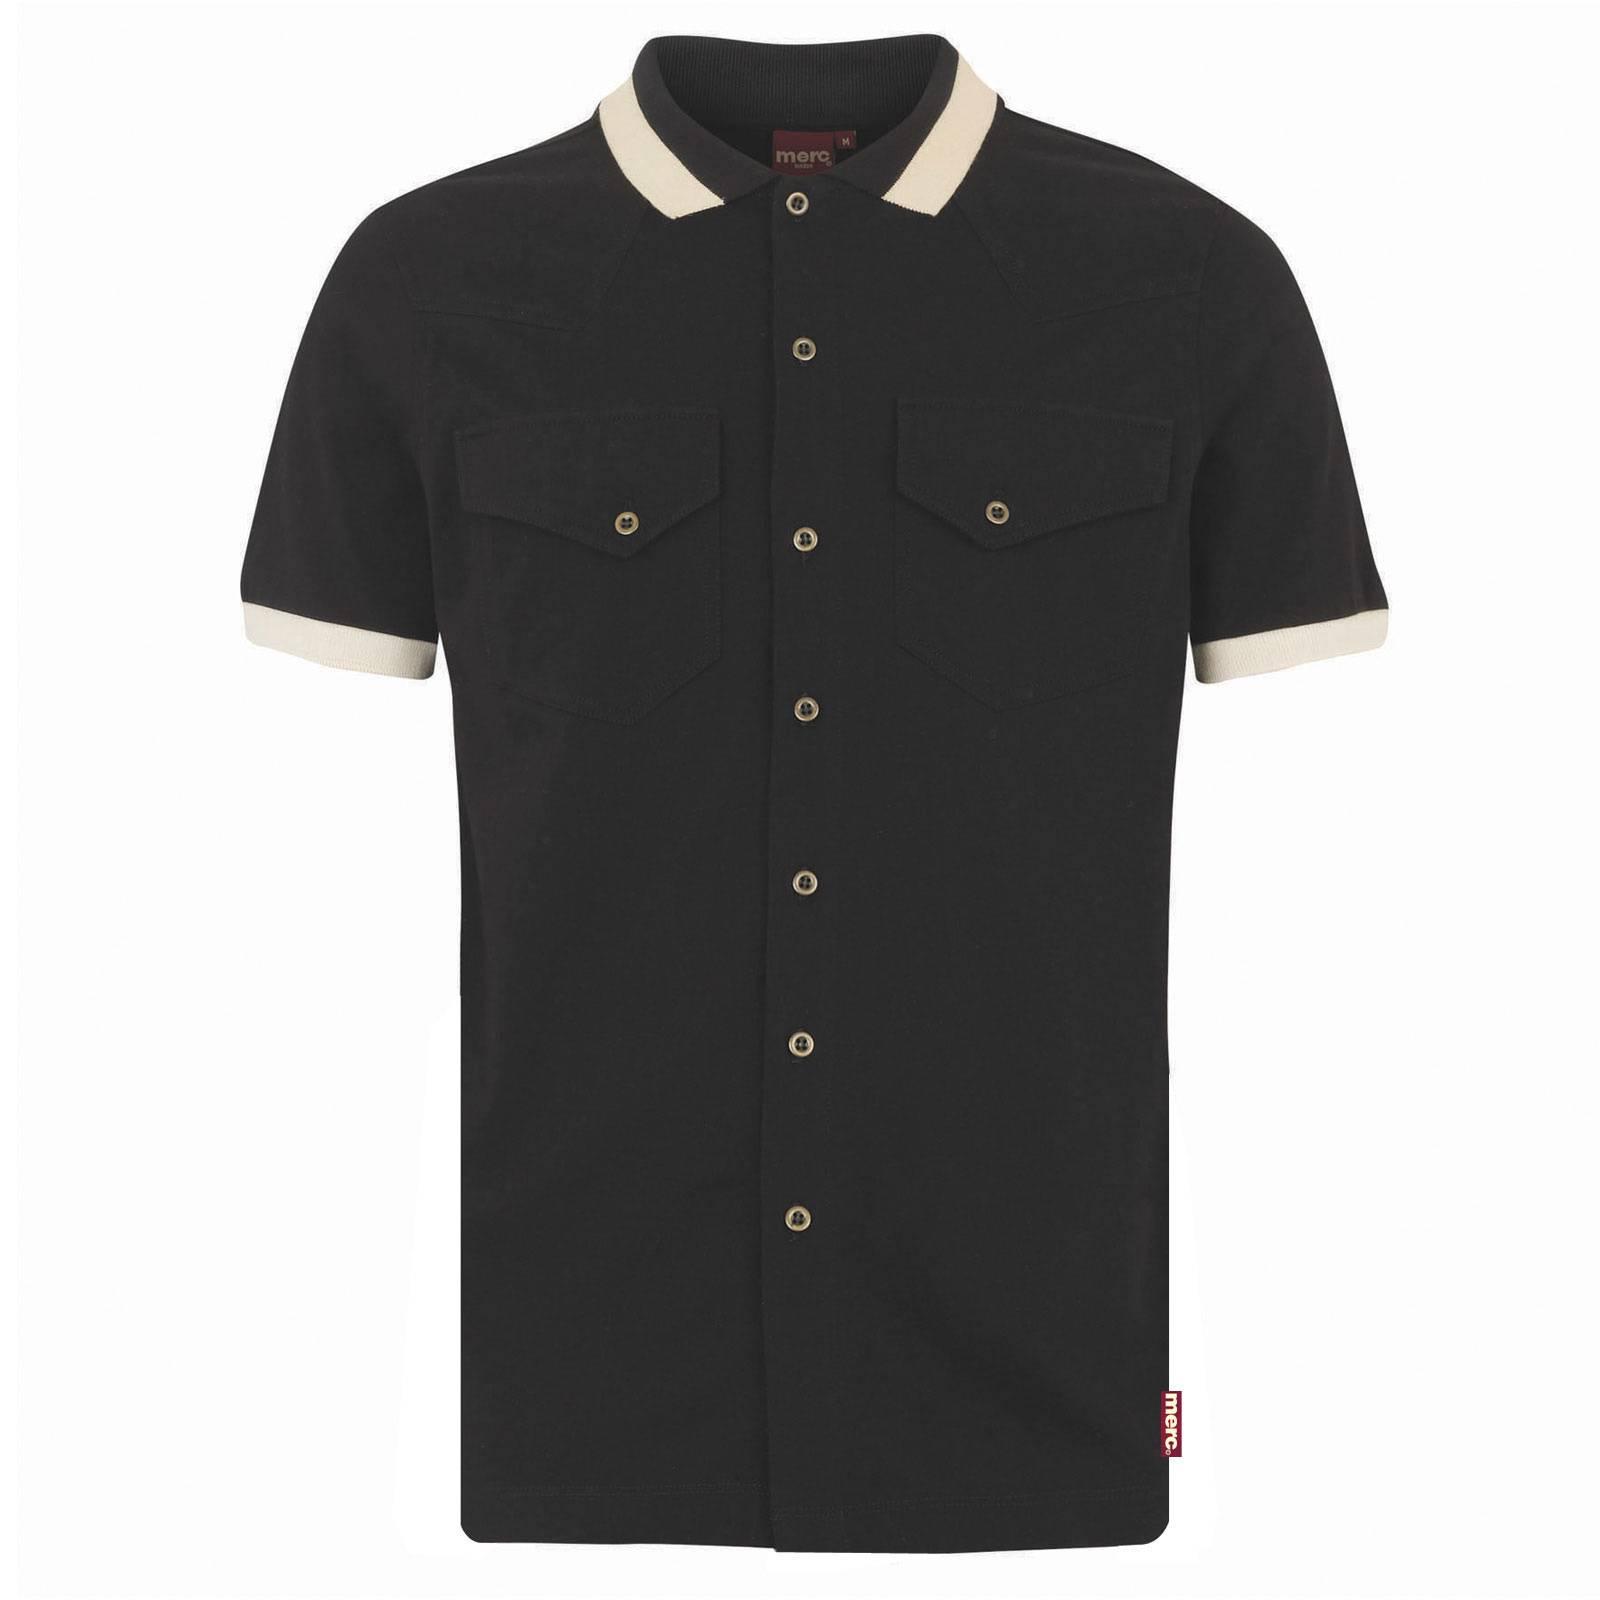 Рубашка Поло SethПоло<br><br><br>Артикул: 1913103<br>Материал: 100% хлопок<br>Цвет: черный<br>Пол: Мужской